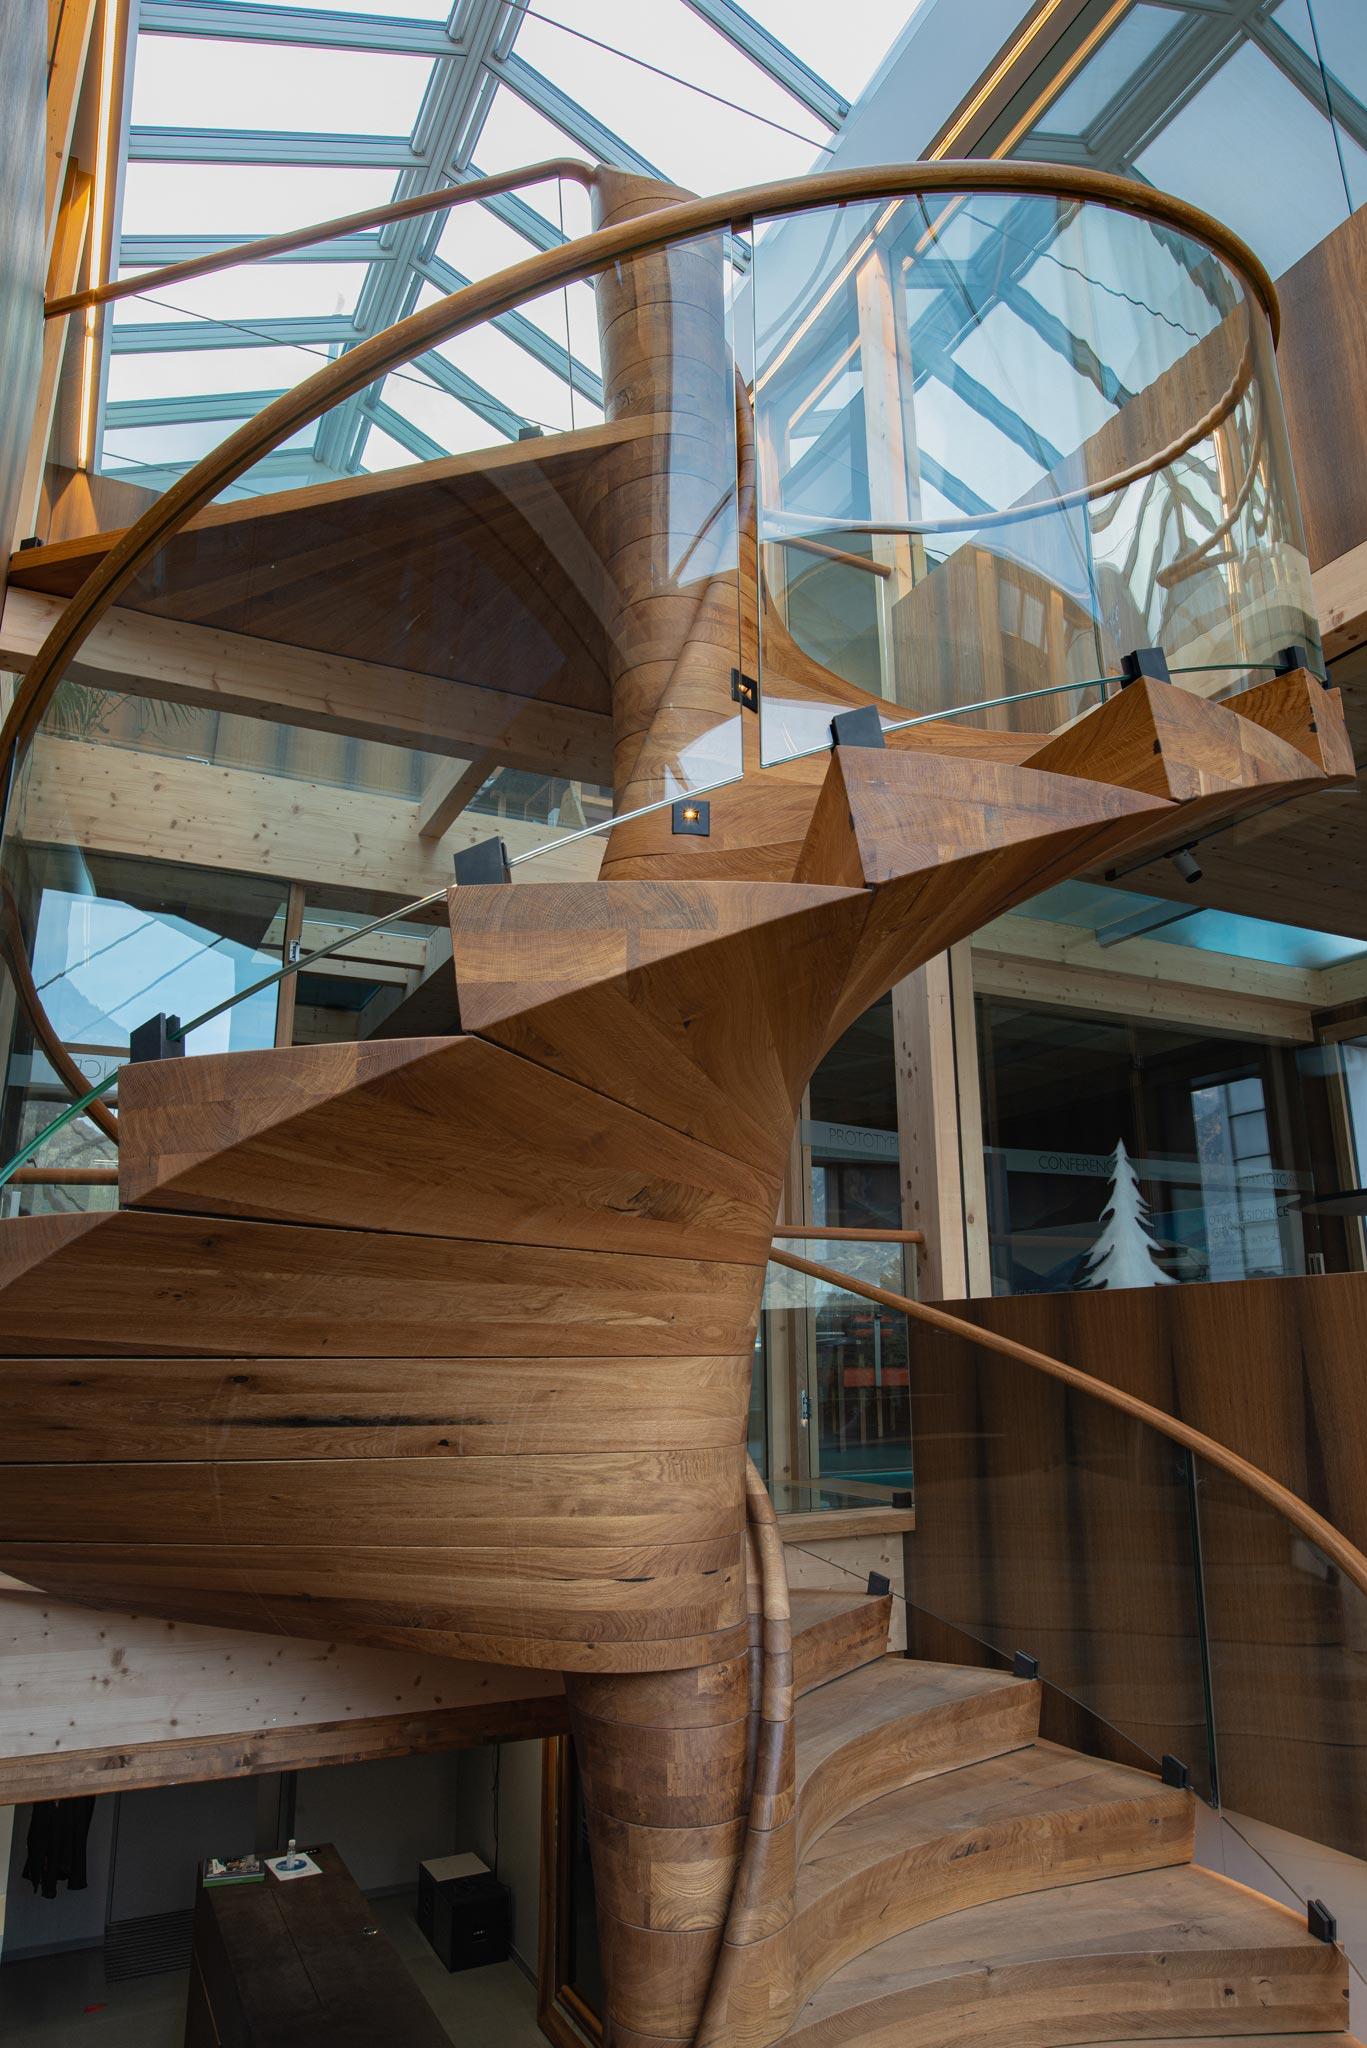 ES ShowR escalier vtc 20 11 0099 - Escalier Showroom ESKISS